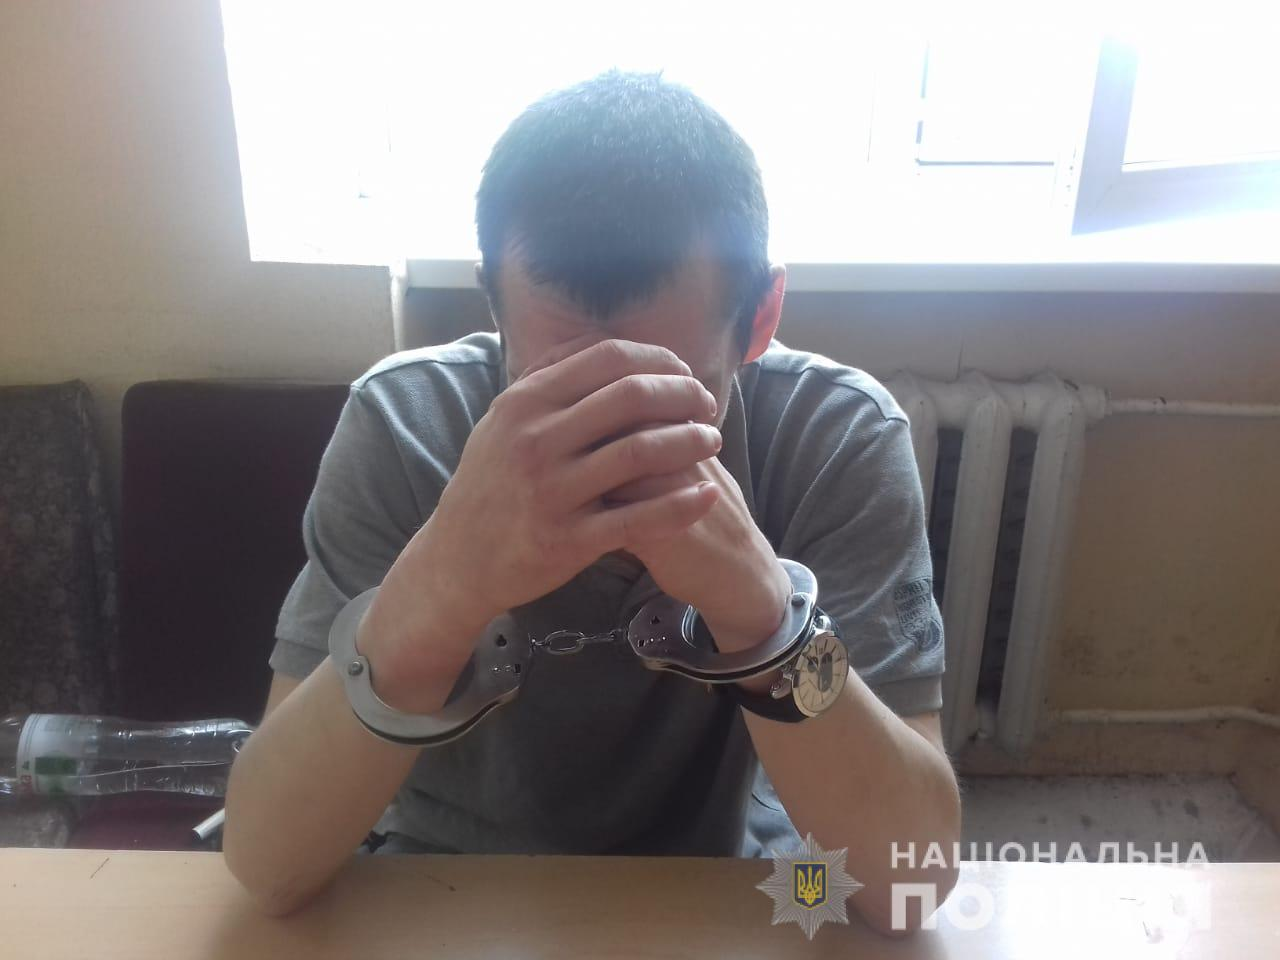 Фастівчанин вкрав плазмовий телевізор у кафе: втекти від поліції не вдалось - поліція Фастова - WhatsApp Image 2019 05 16 at 10.49.31 AM